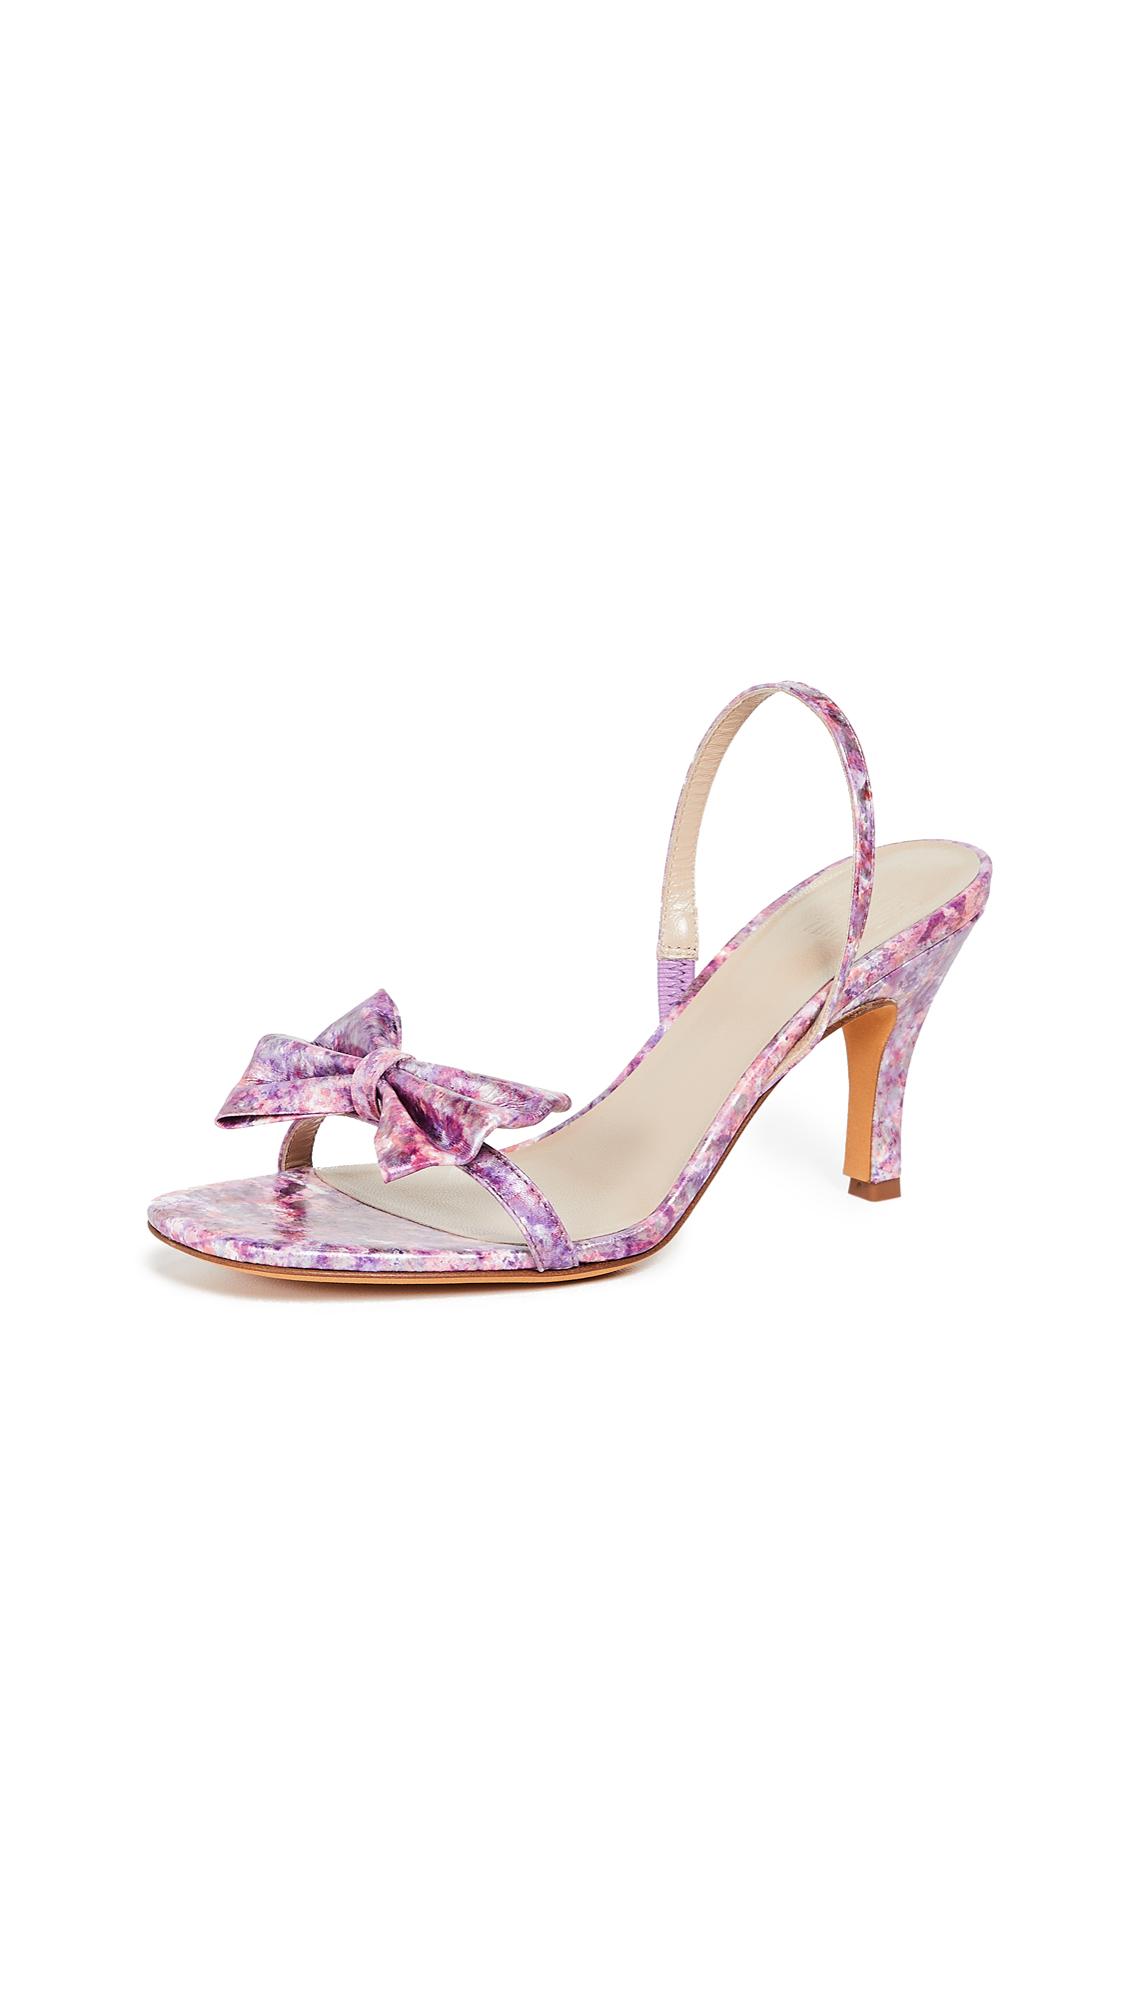 Maryam Nassir Zadeh Flora Slingback Sandals - Violet Marble